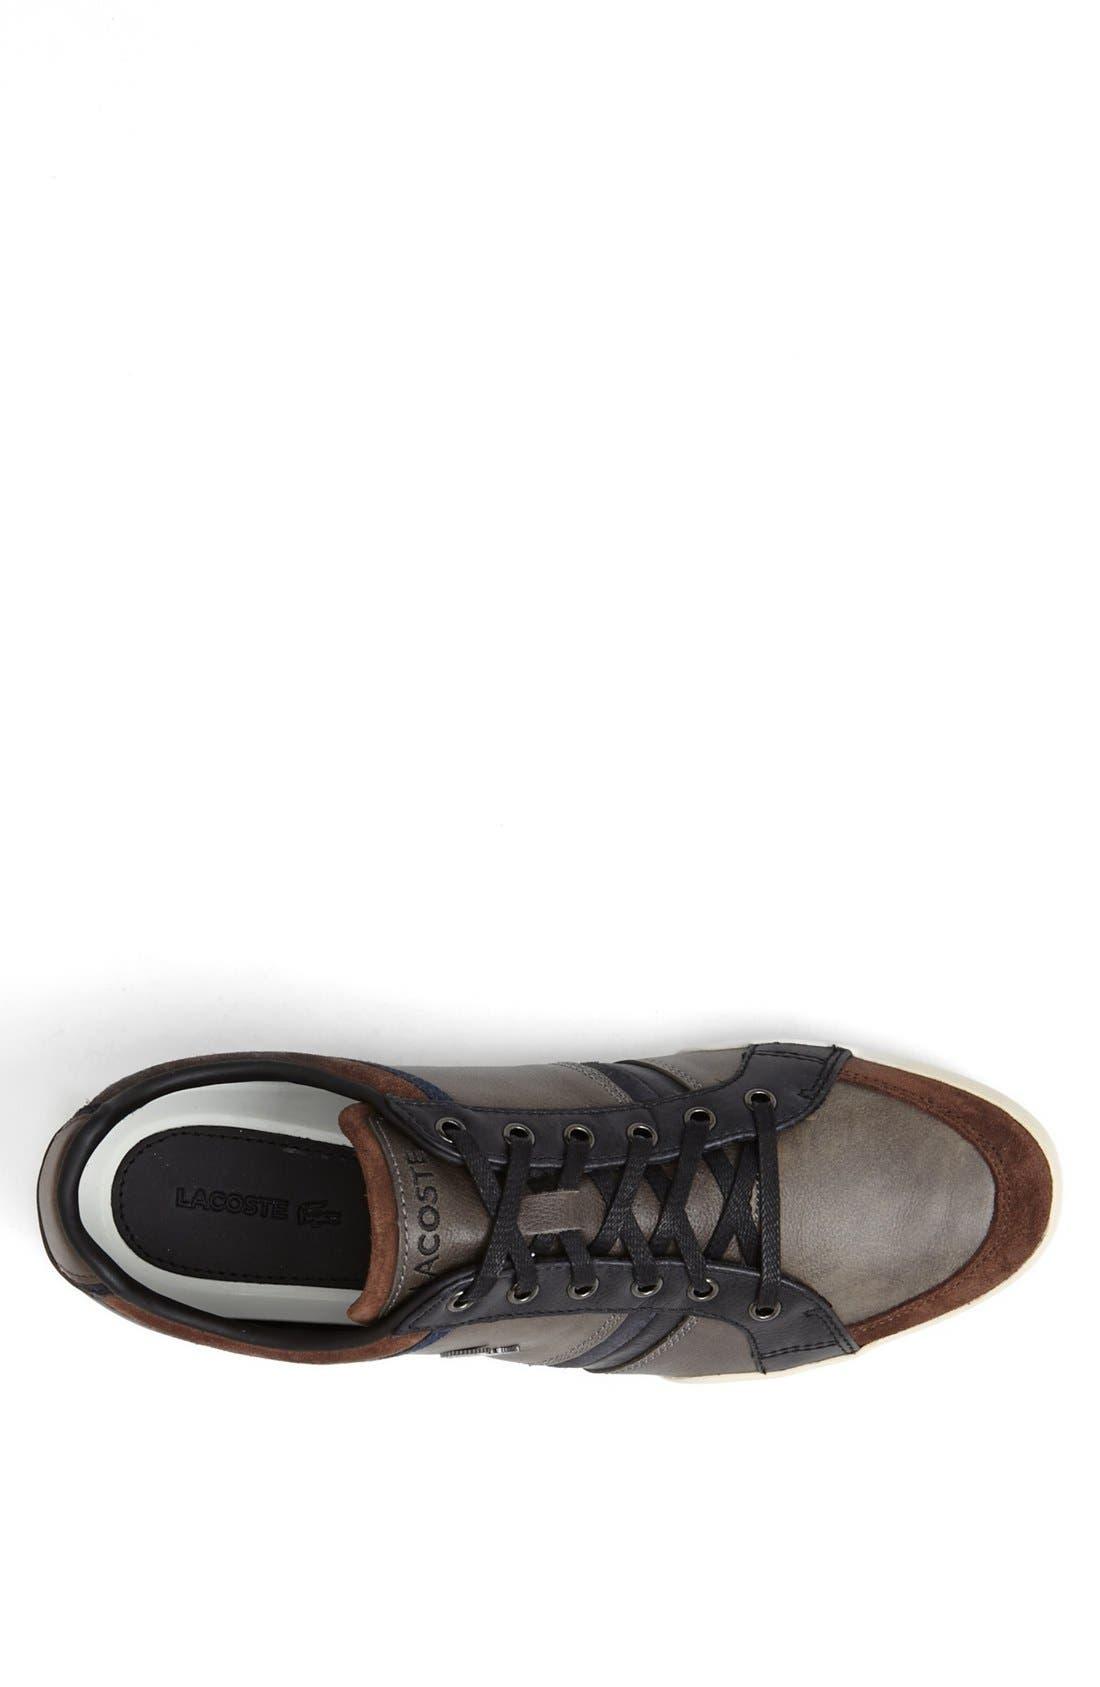 Alternate Image 3  - Lacoste 'Rayford 3' Sneaker (Men)